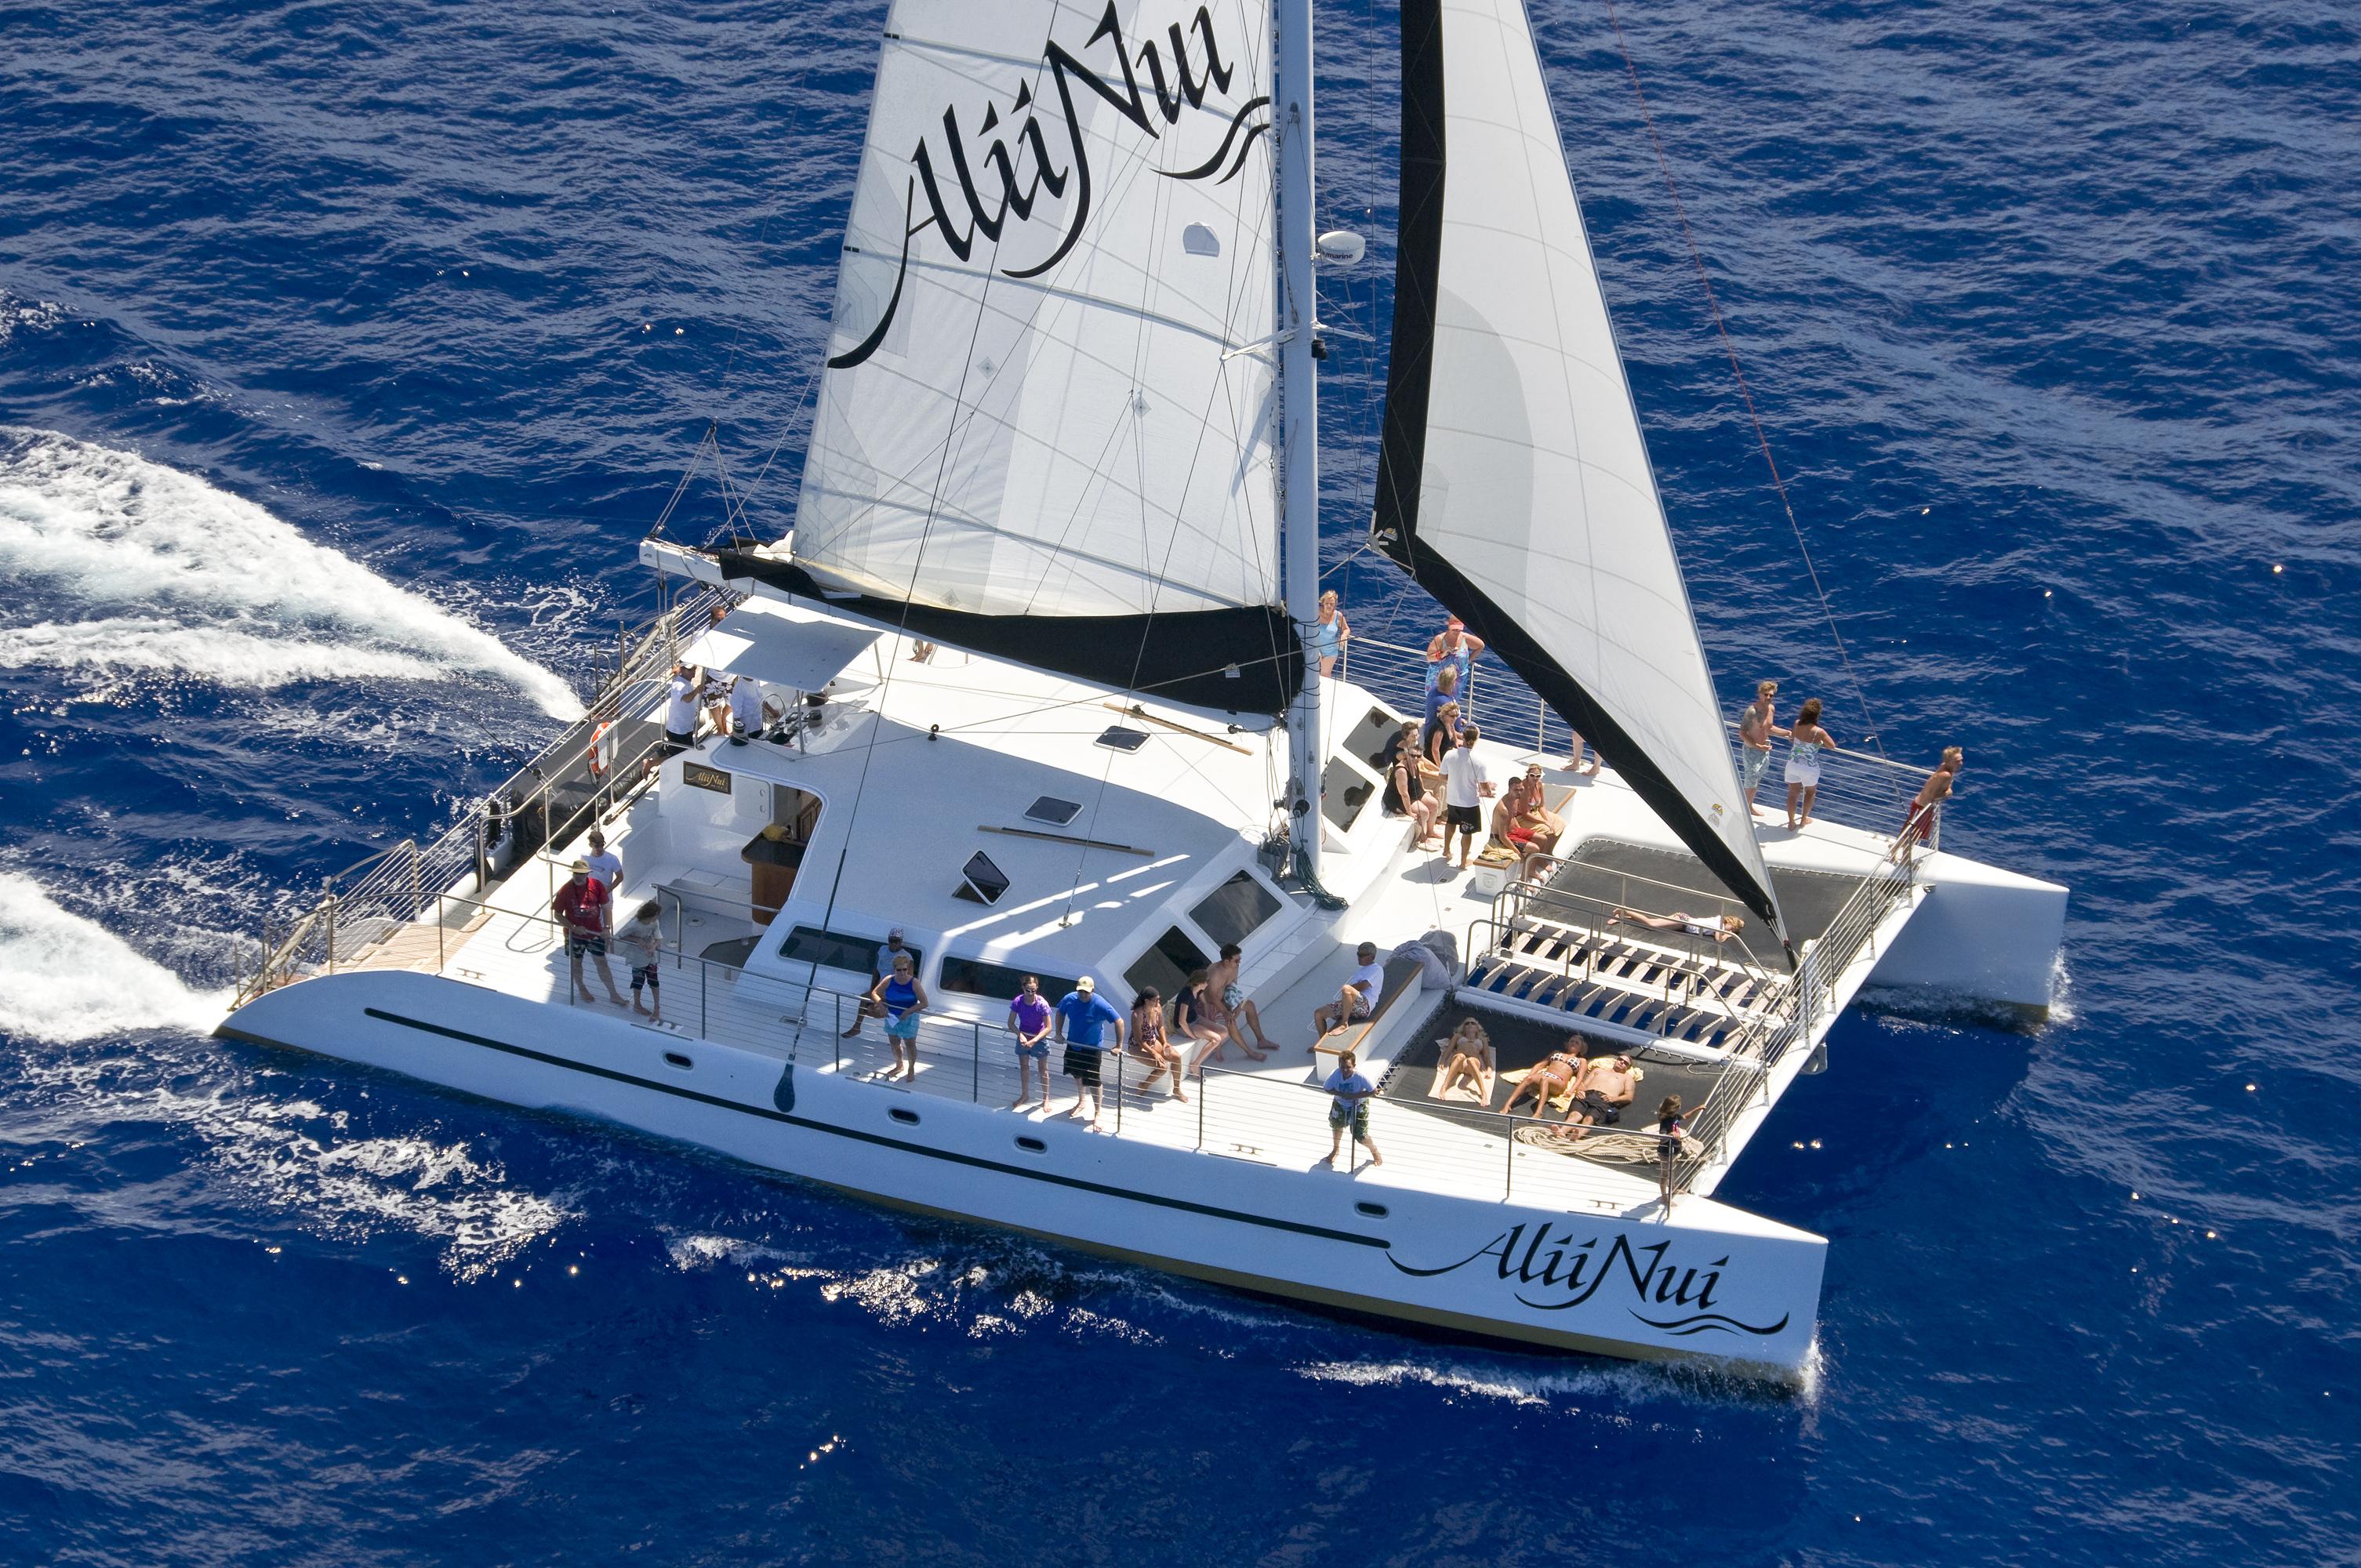 Luxury Catamaran Afternoon Snorkel Trip (3 Hour)